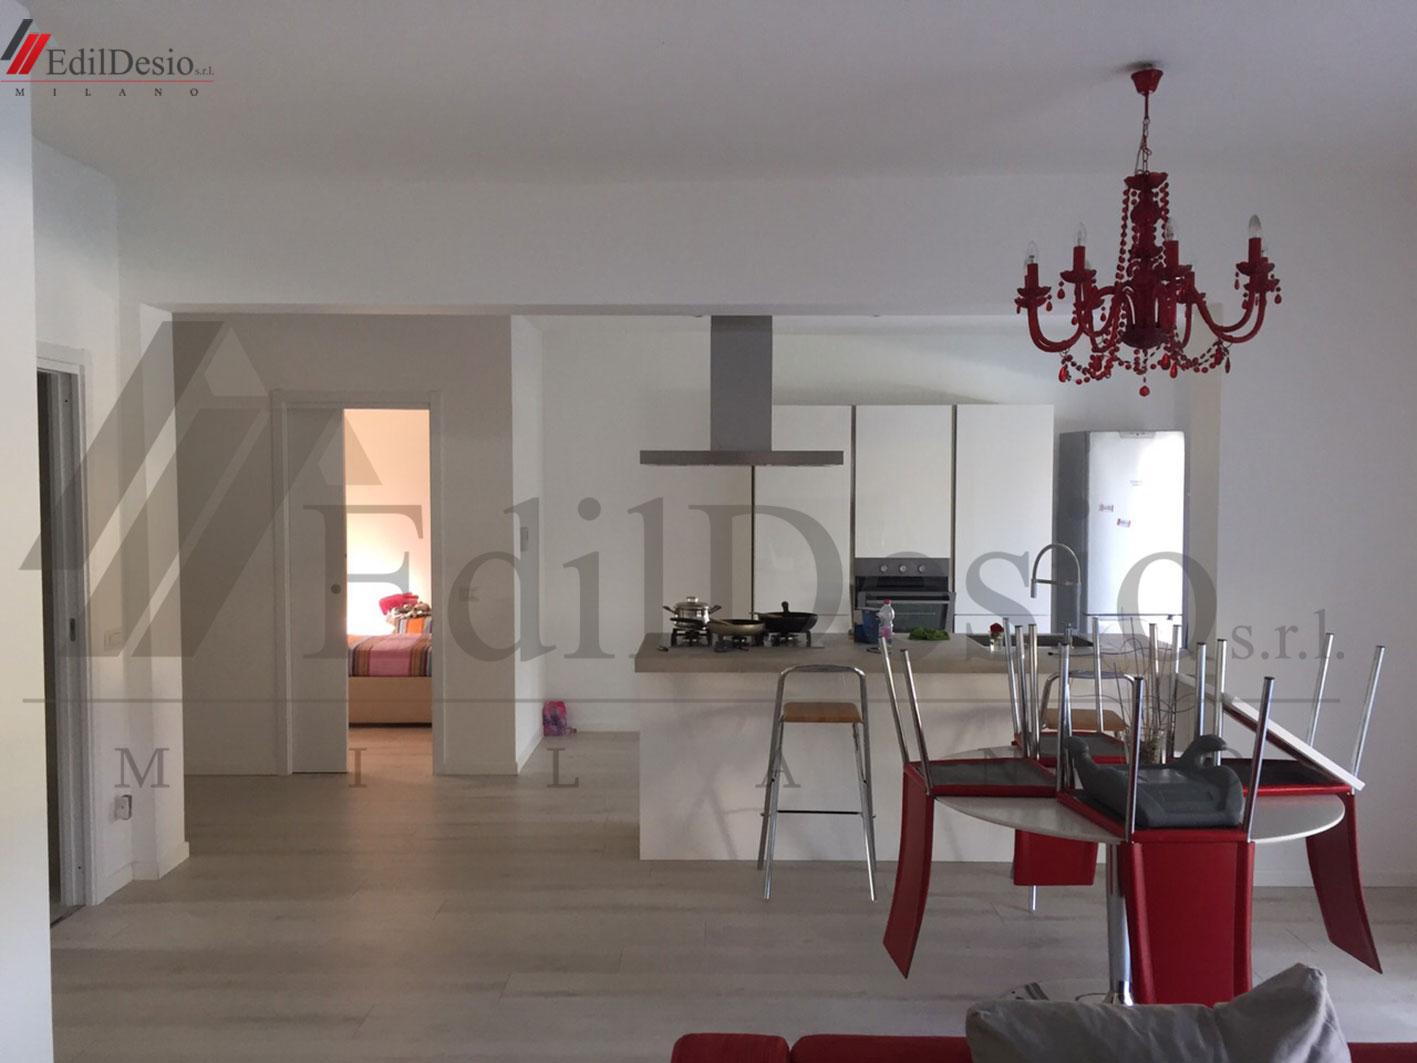 Ristrutturazione Case Milano - Edil Desio – Ristrutturazioni case Milano